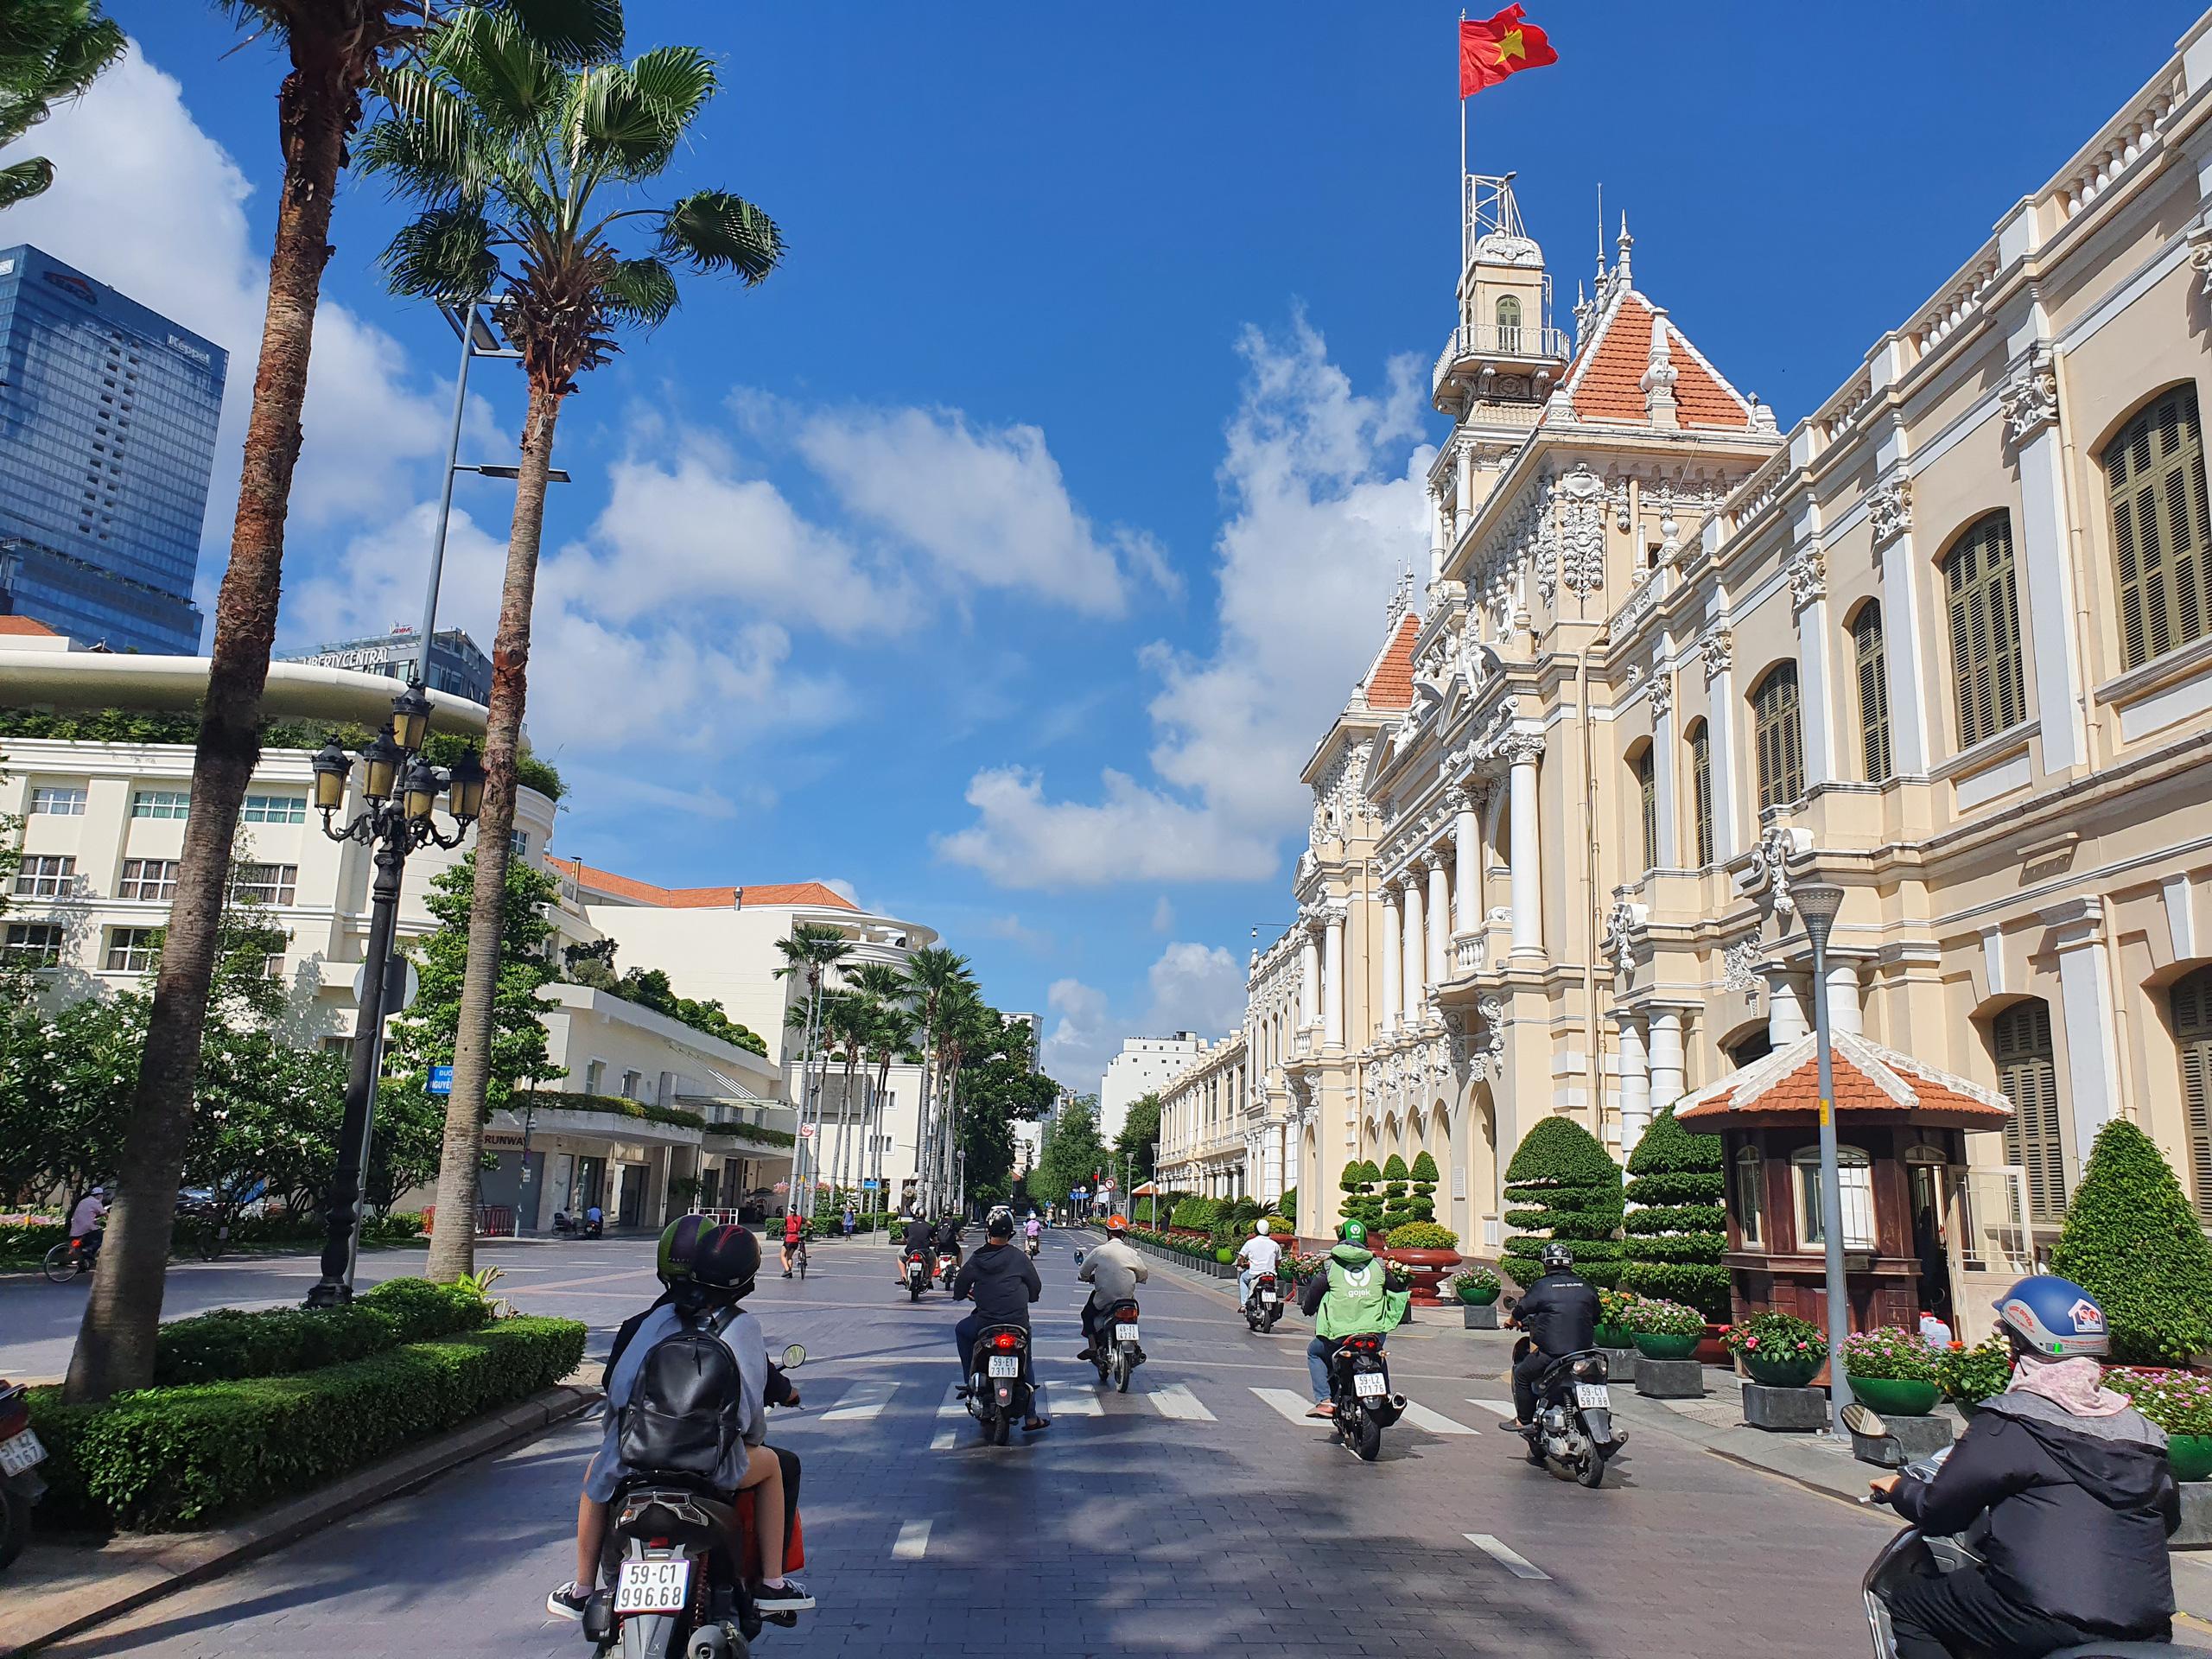 ẢNH: Ngày đầu giãn cách xã hội, đường TP.HCM không kẹt xe từ sáng tới chiều, Gò Vấp tạm dỡ chốt phong tỏa - Ảnh 3.